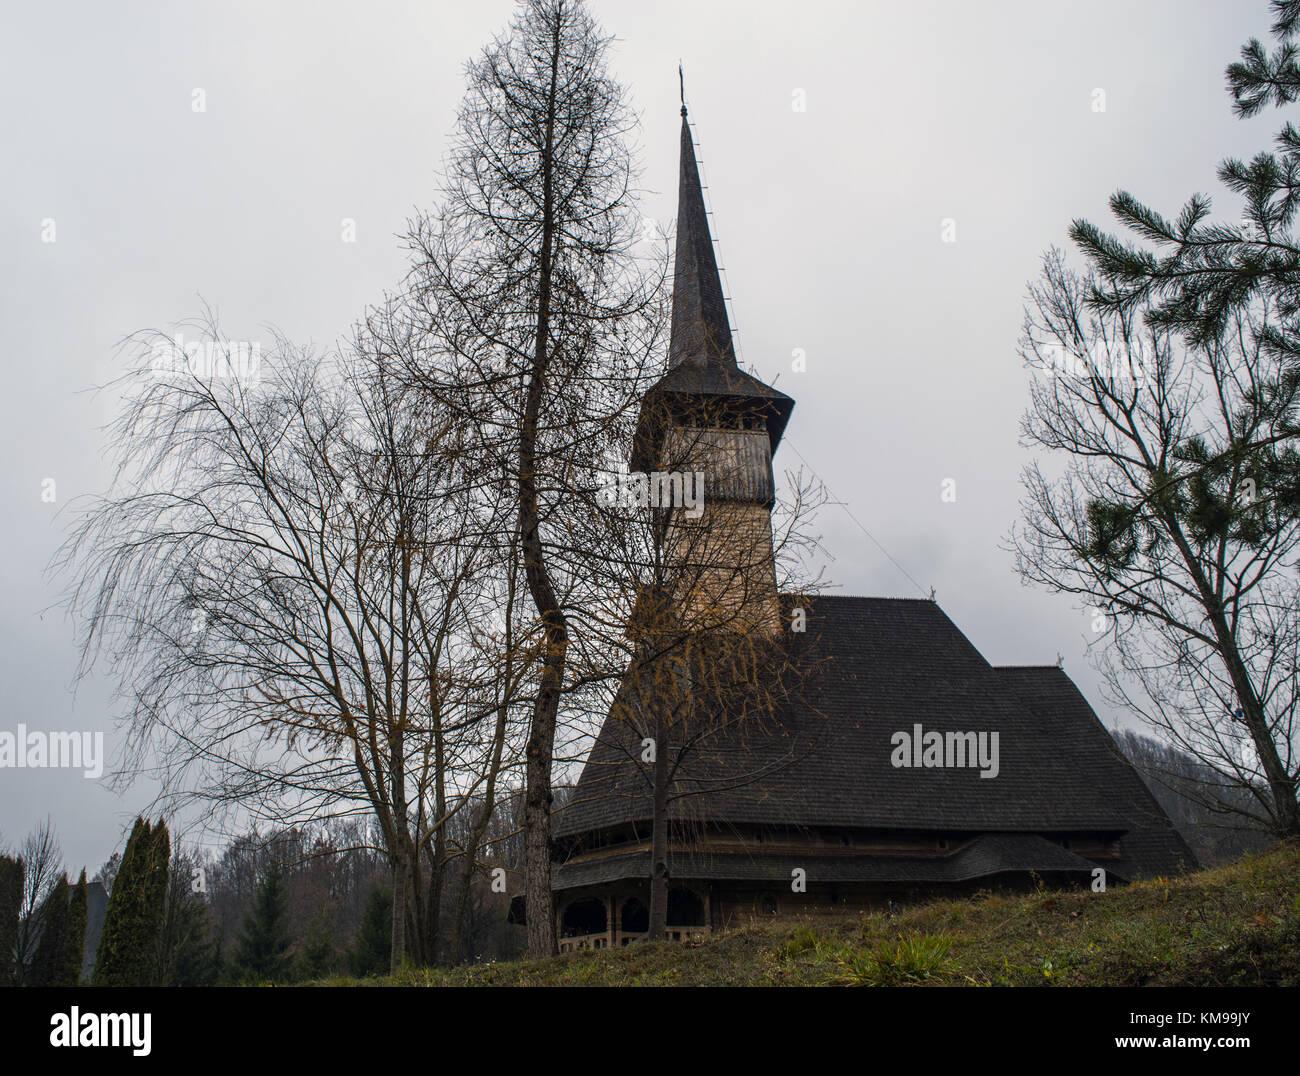 Wooden Monastery of Barsana - Stock Image